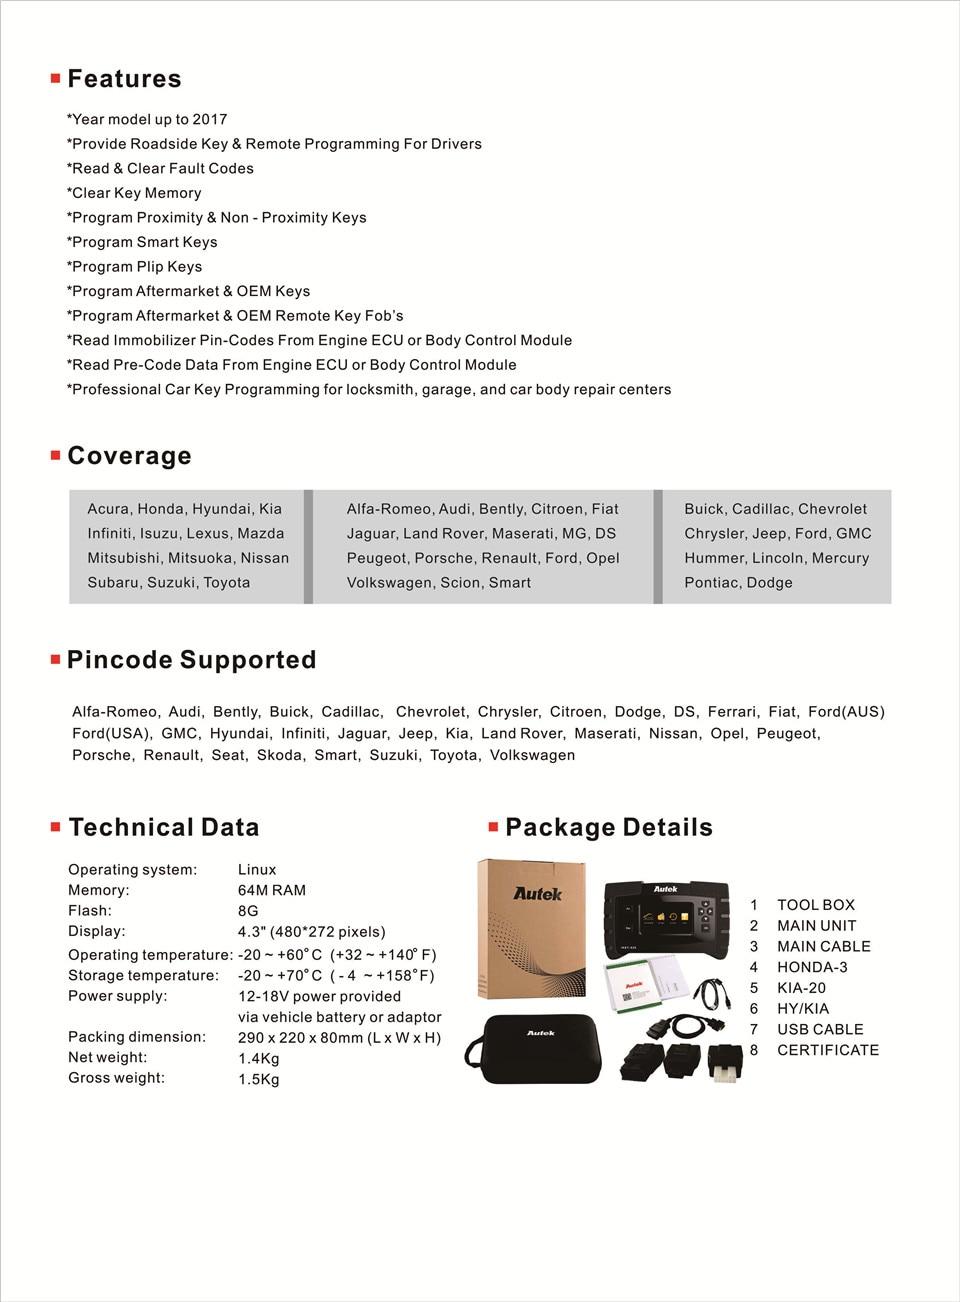 Autek IKey820 Key Programmer Catalogue-02